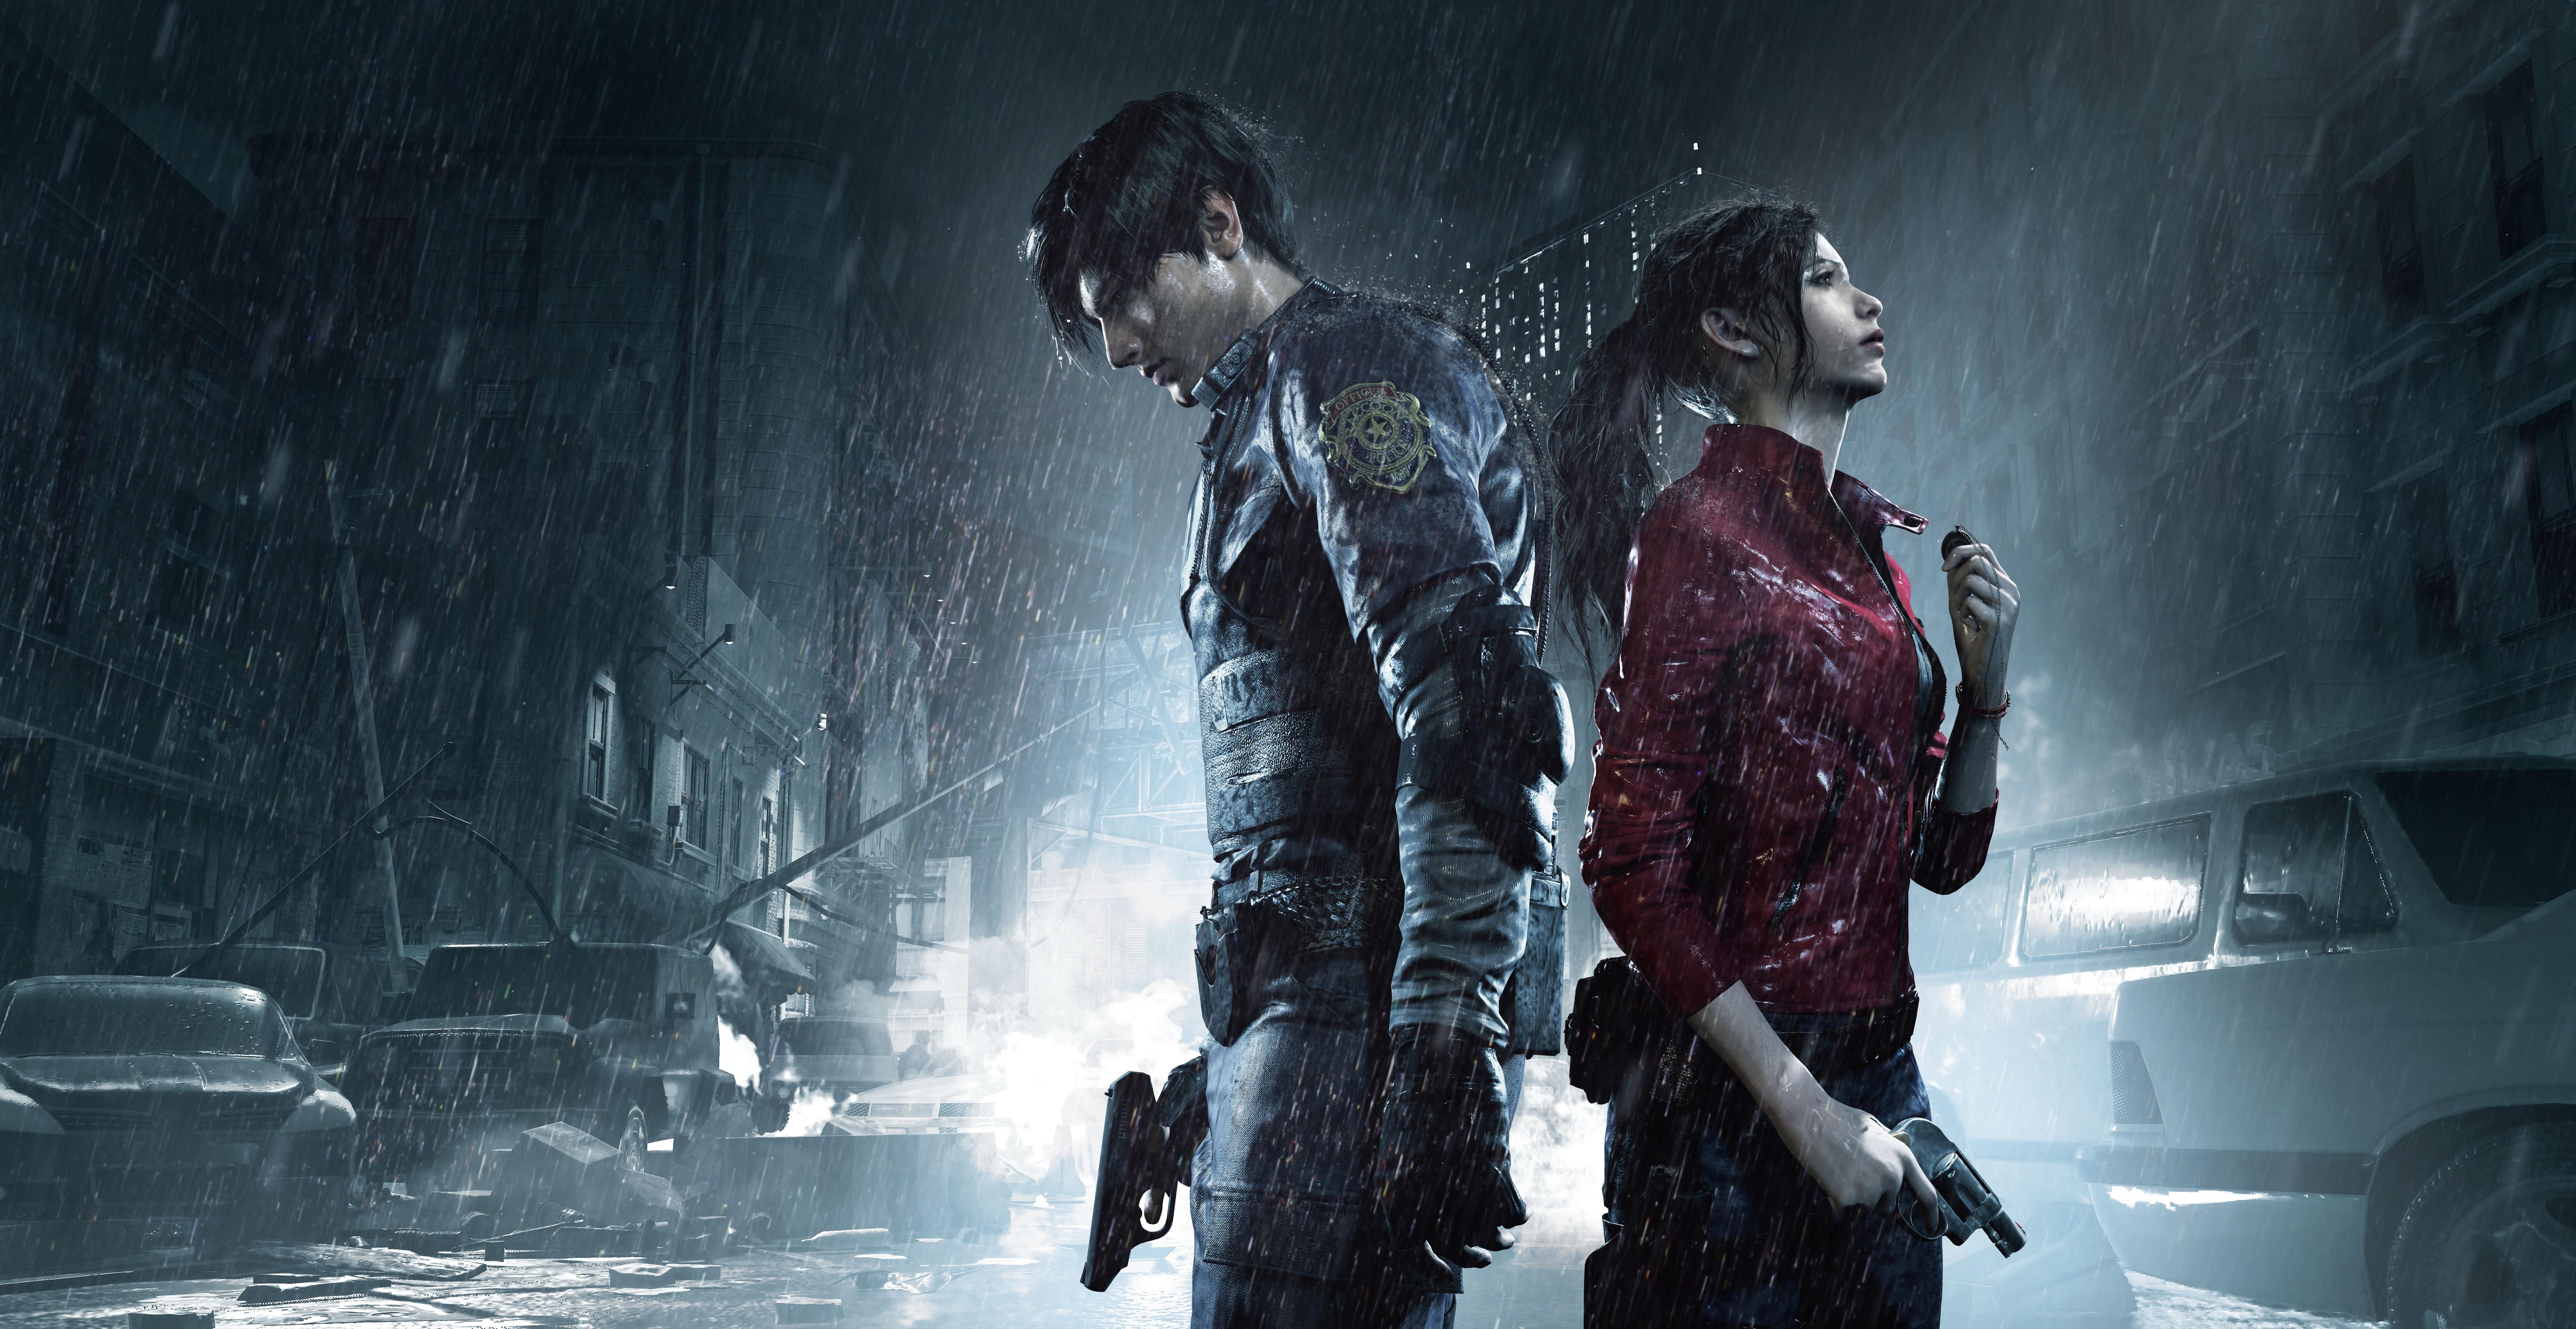 Resident Evil 2 Wallpaper: Resident Evil 2 2019 4k, HD Games, 4k Wallpapers, Images